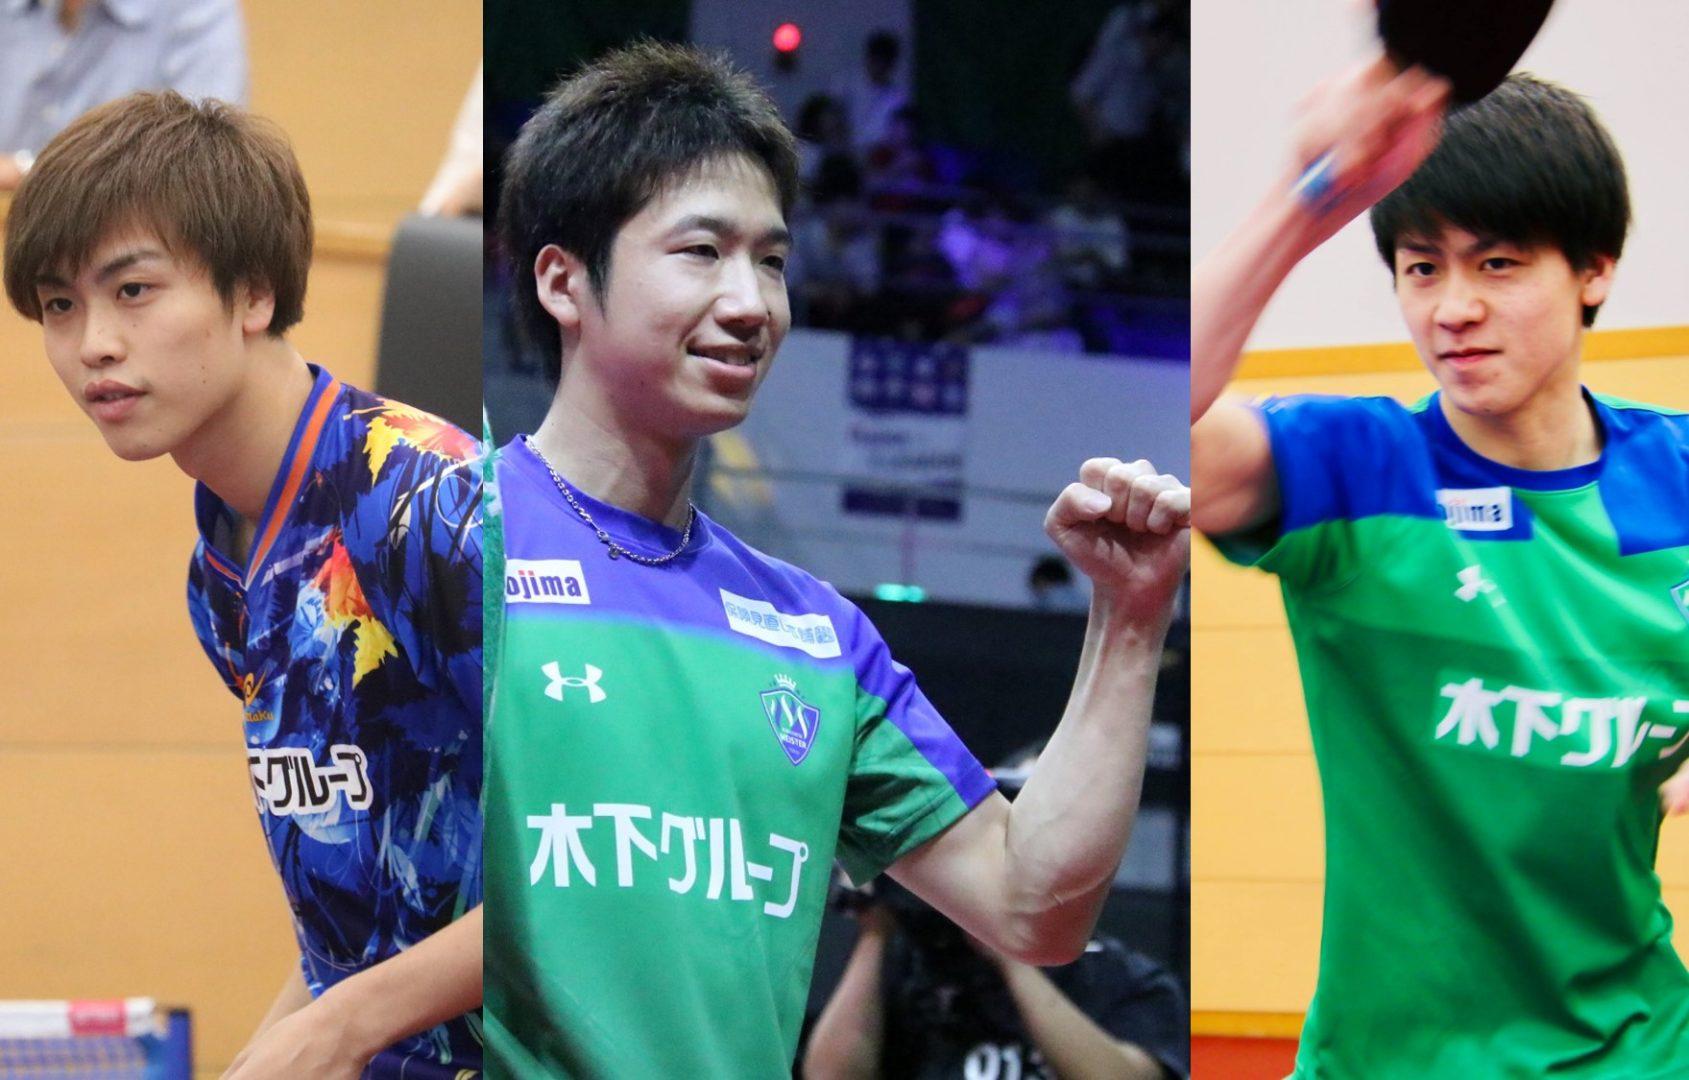 あなたに勇気を与える卓球選手の名言 #4 水谷隼、田添兄弟編